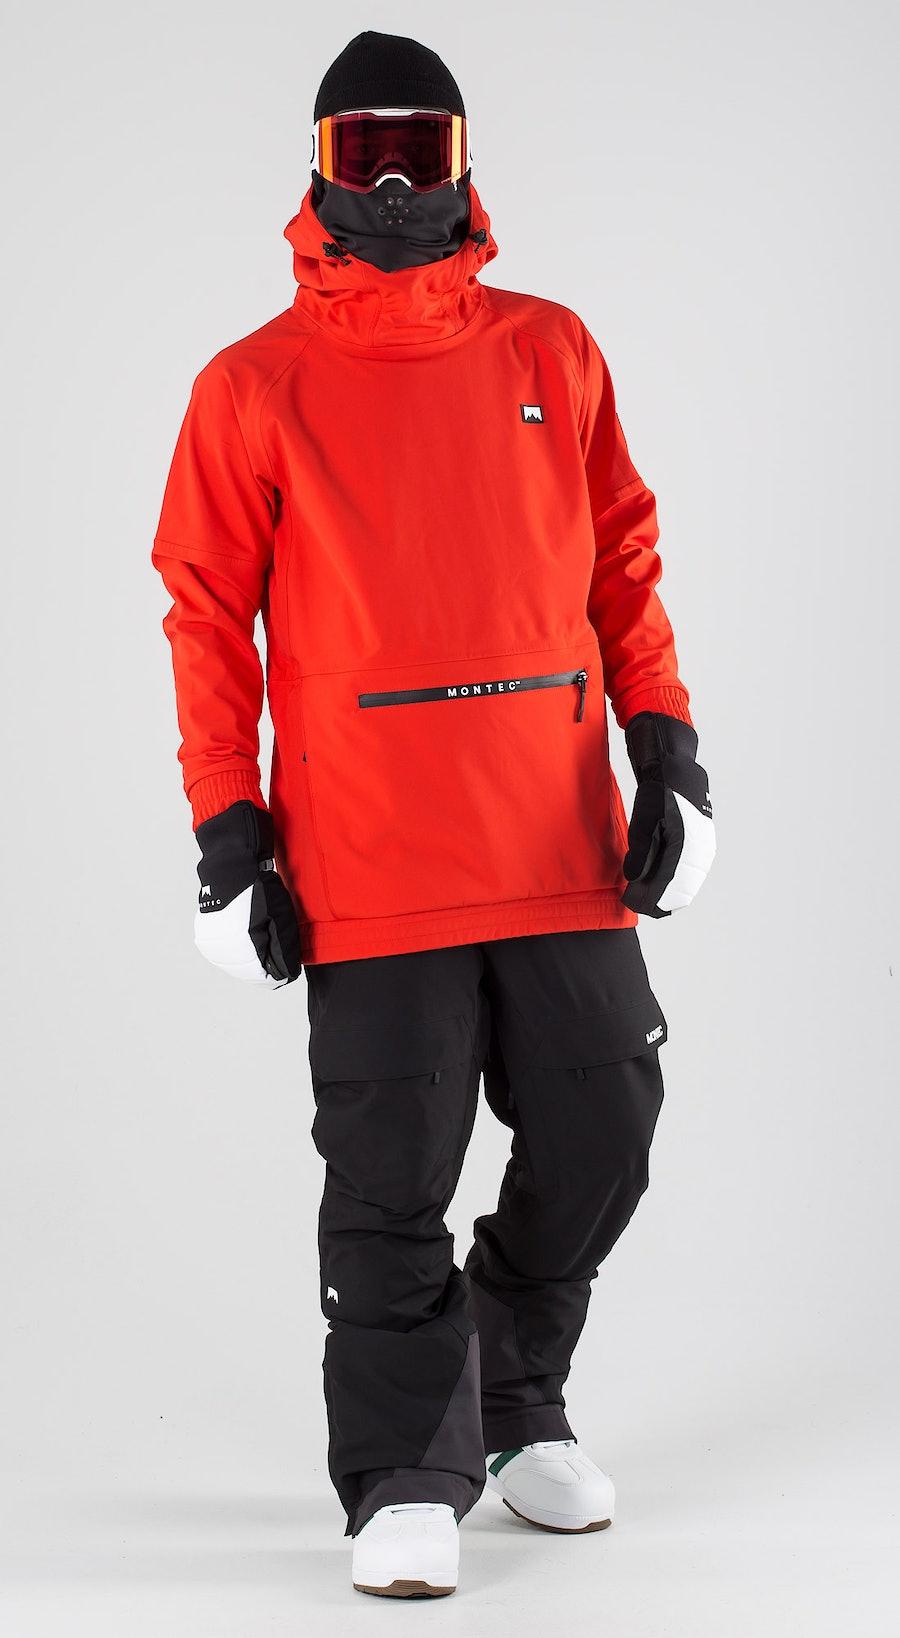 Montec Tempest Red Snowboardkläder Multi